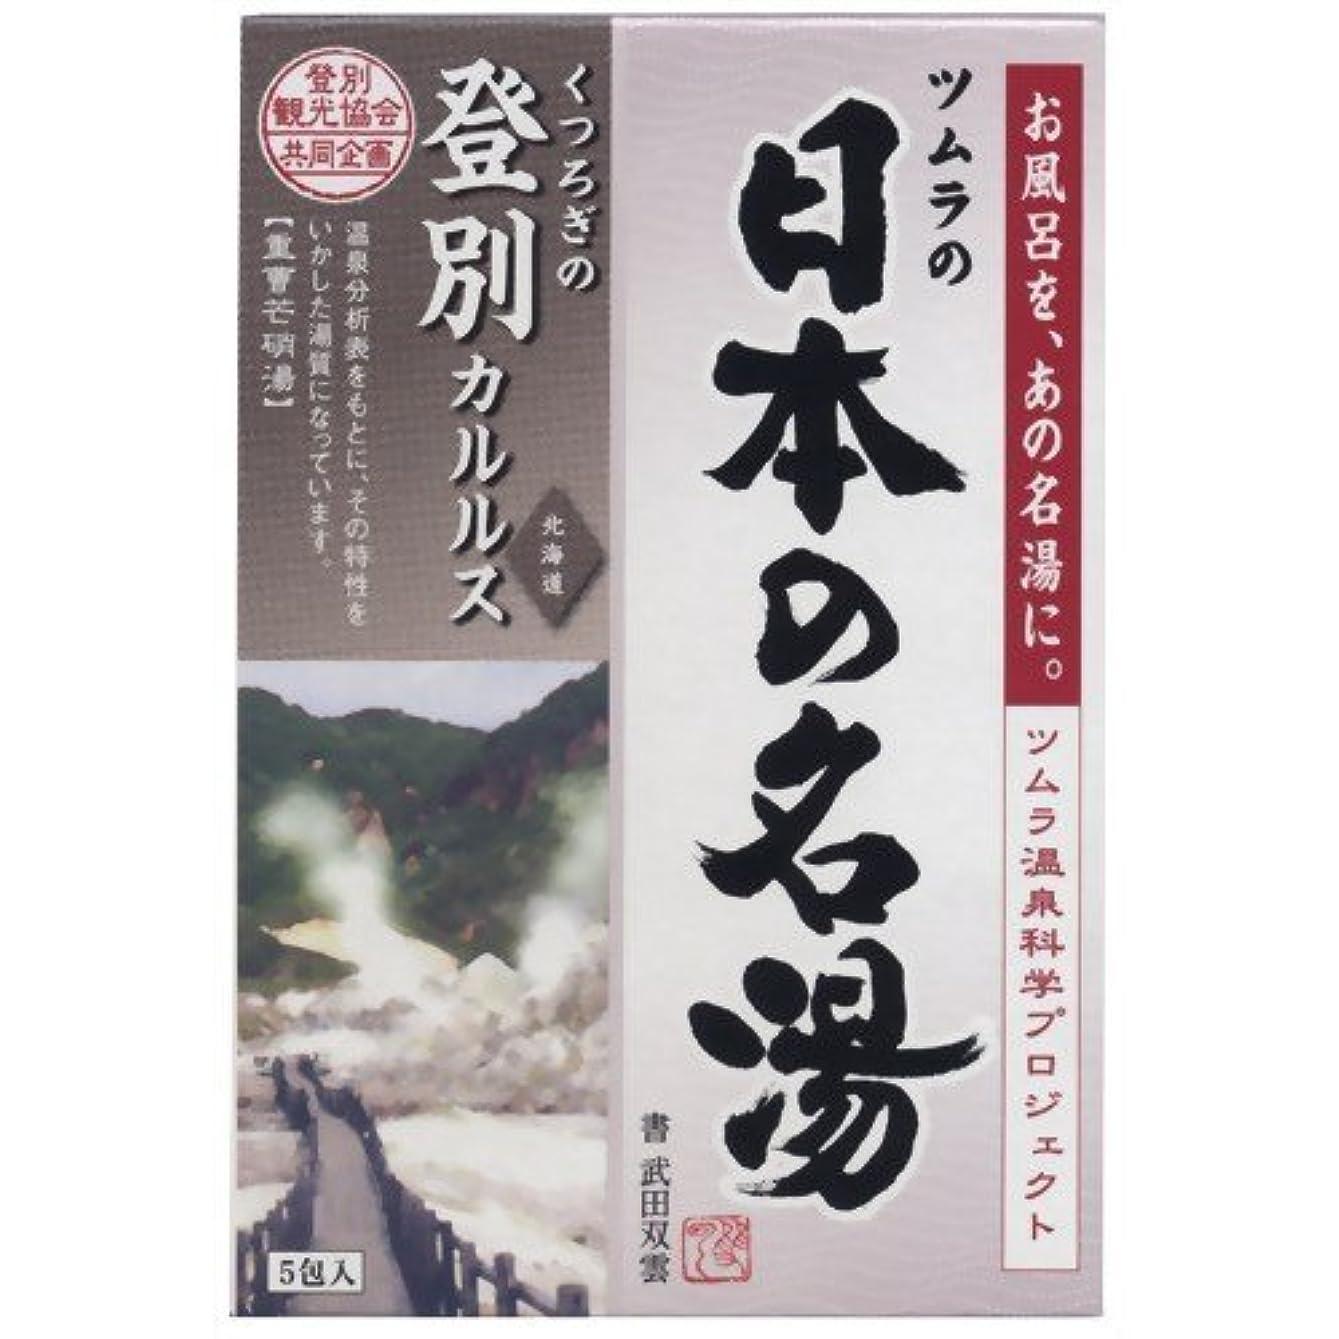 より平らな安定しました無許可日本の名湯 登別カルルス30g 5包入り にごりタイプ 入浴剤 (医薬部外品) × 5個セット